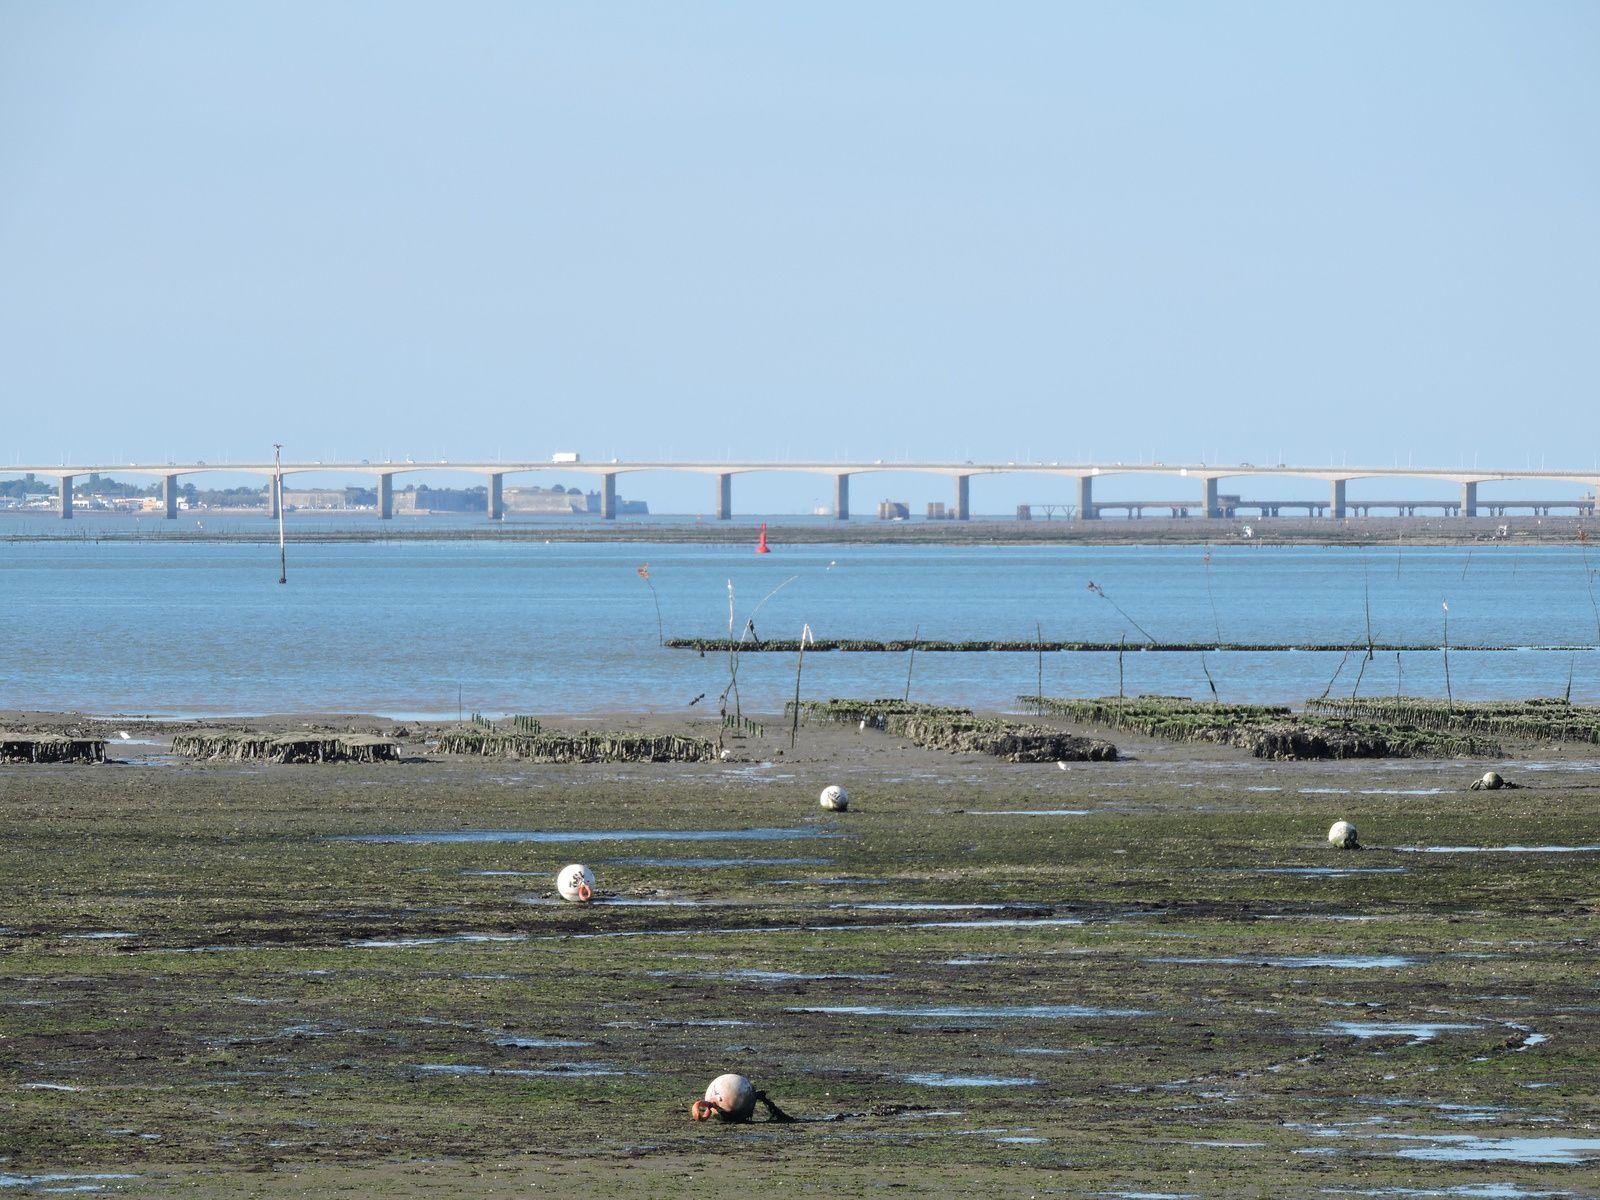 Roces les Bains la Tremblade avec ces jolis bateaux posés sur le rond point .Depuis Ronce Les Bains on voit Oléron ...et le pont .